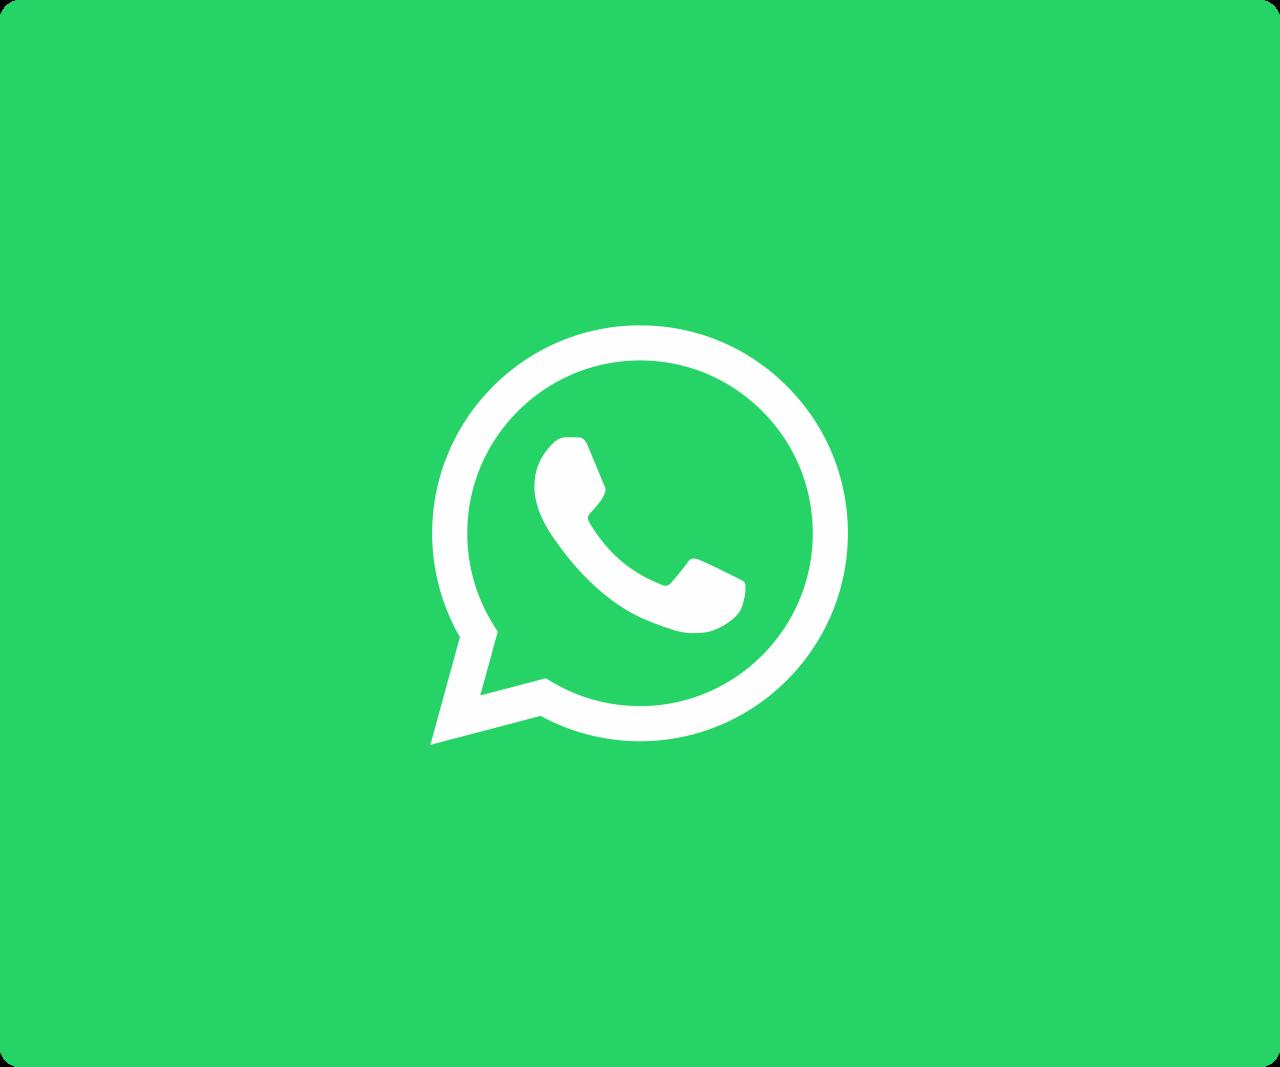 U kunt ons nu ook via WhatsApp Business bereiken